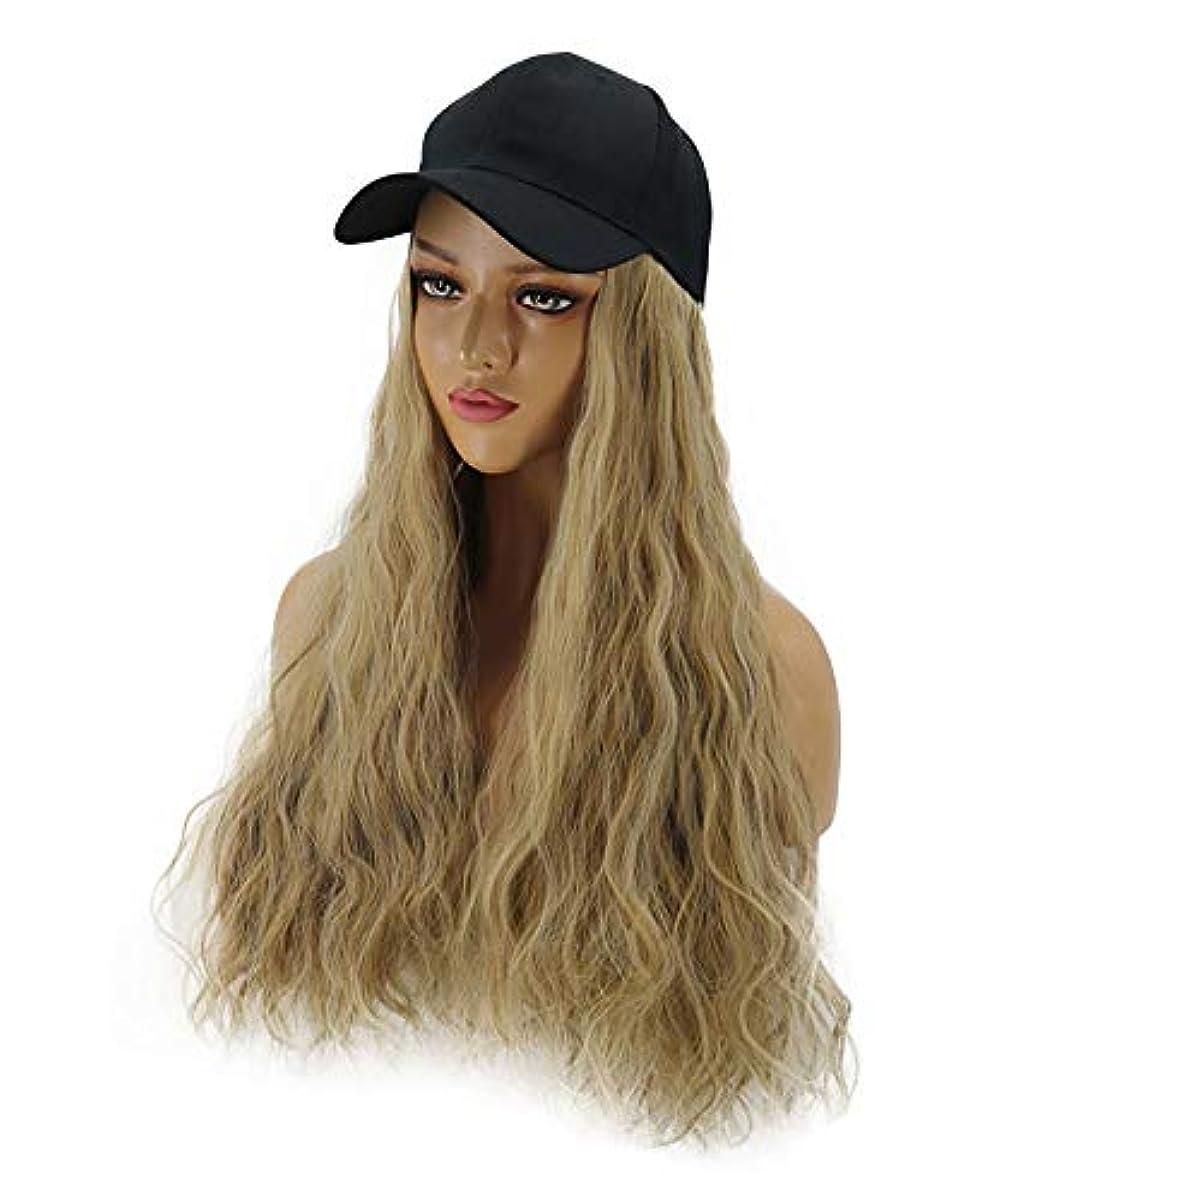 変なレイアすりHAILAN HOME-かつら ファッション女性ウィッグハットワンピース帽子ウィッグコーン型パーマミックスアンバー/ブラウン簡単ワンピース取り外し可能